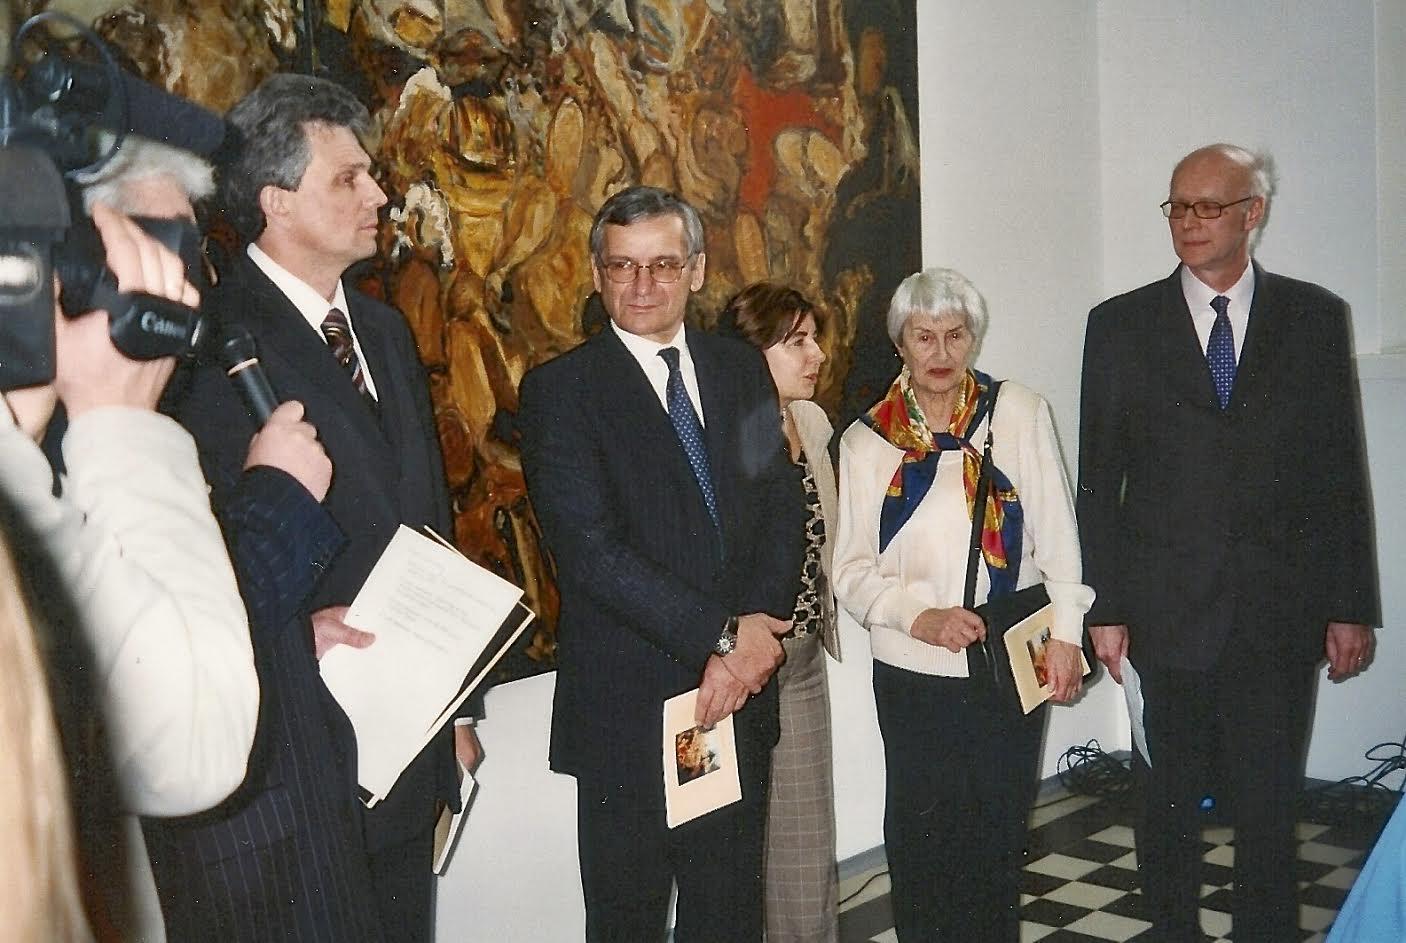 ( de gauche à droite) le ministre ukrainien de la culture, l'ambassadeur de France en Ukraine, l'interprète, Denise Kawun et Claude Haaser